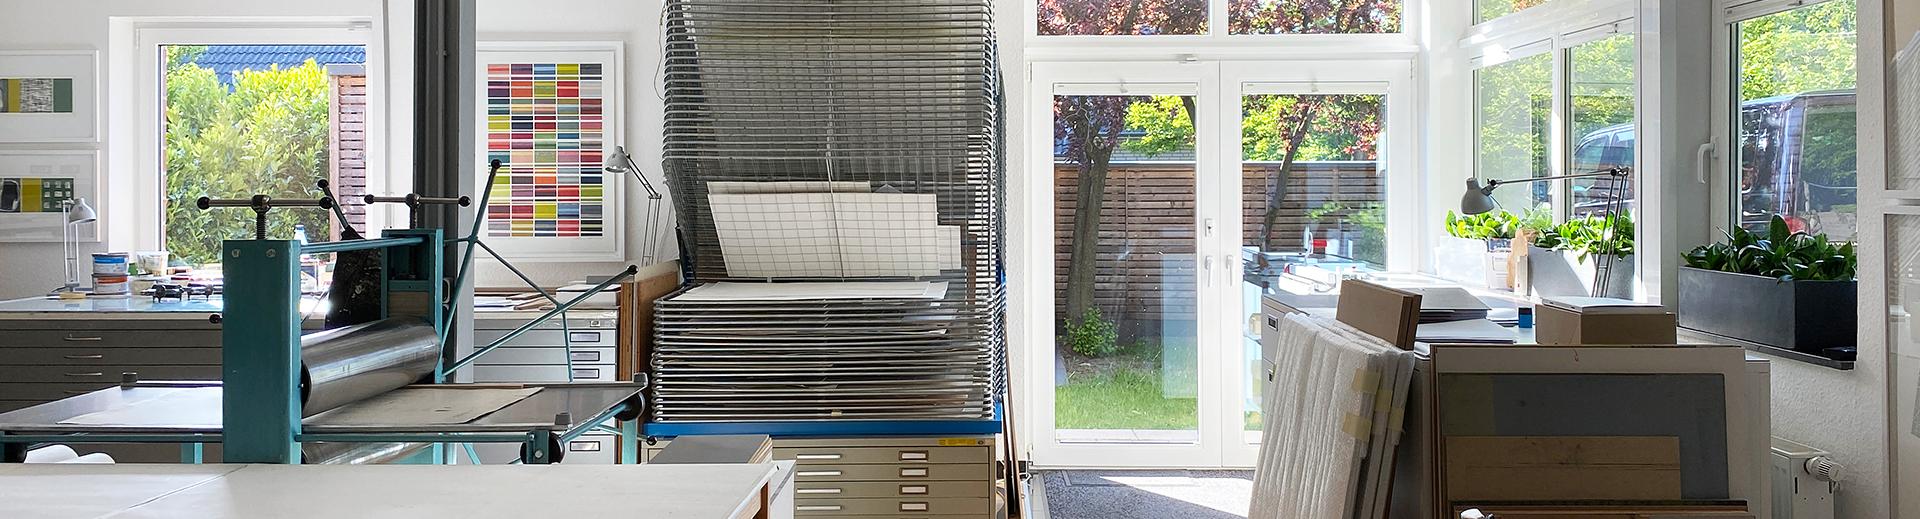 Atelier Sauer Ibbenbüren | Druckwerkstatt